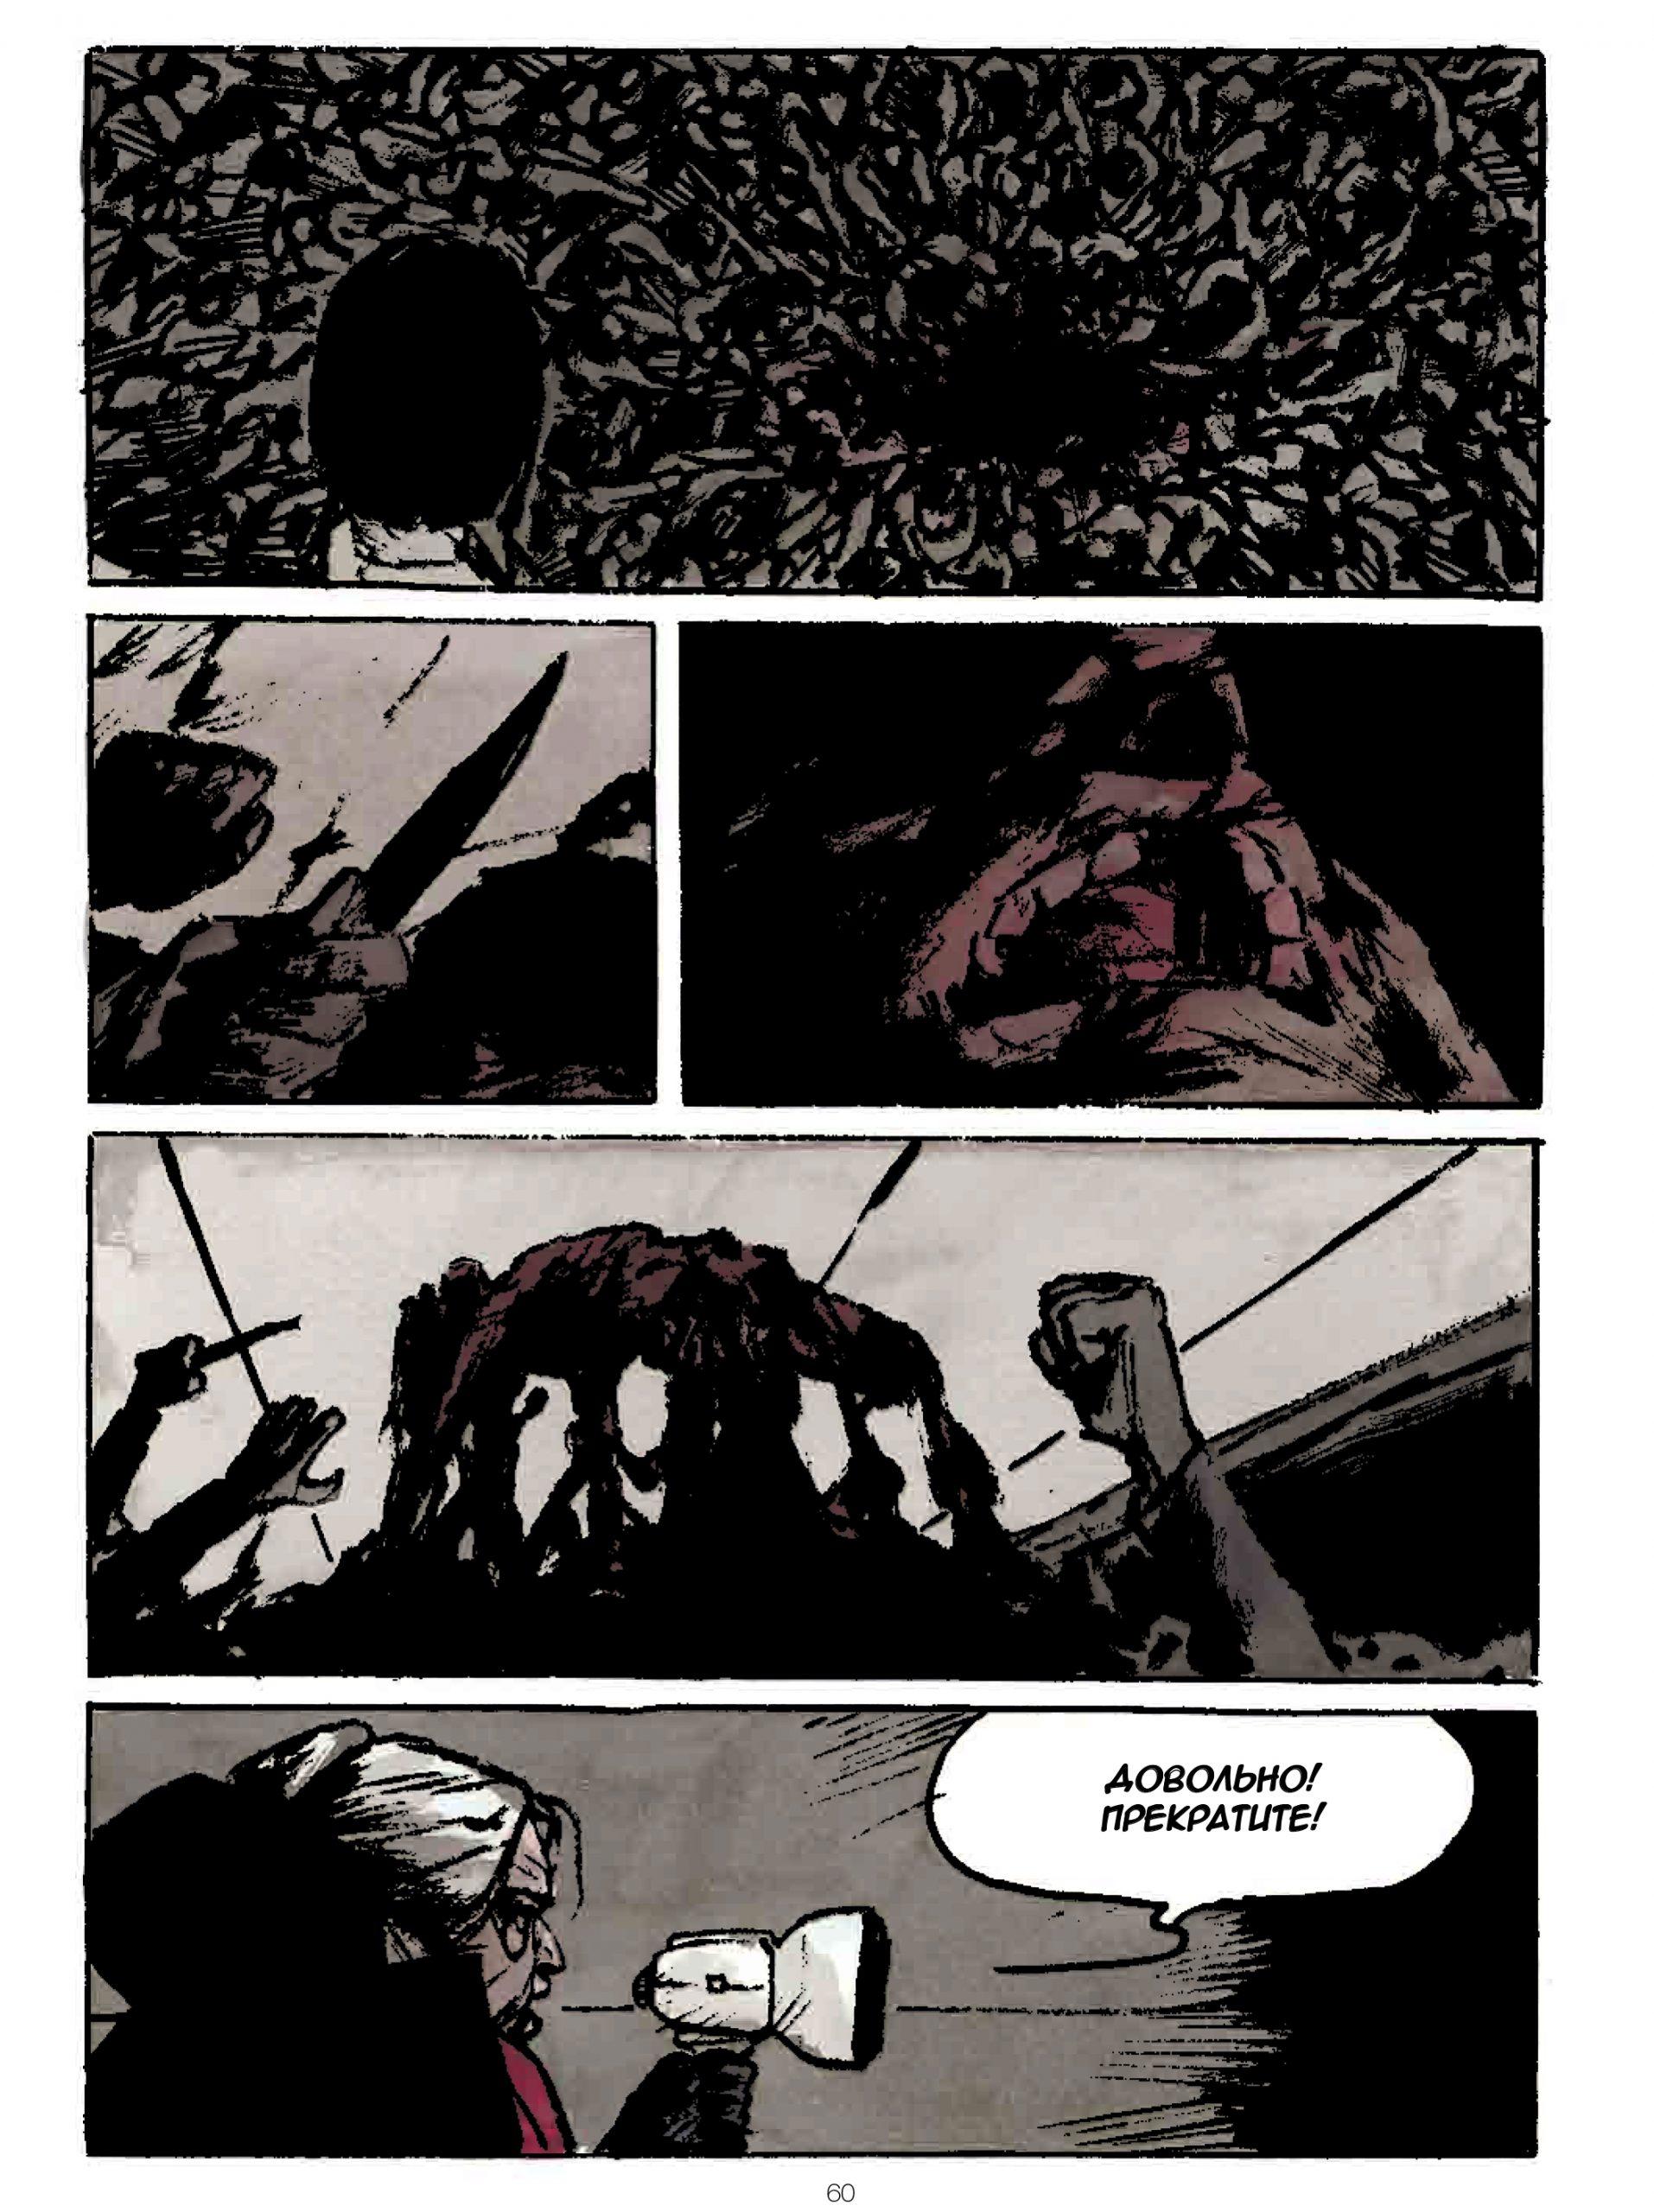 Читаем комикс «Сквозь снег: Конечная станция» 17